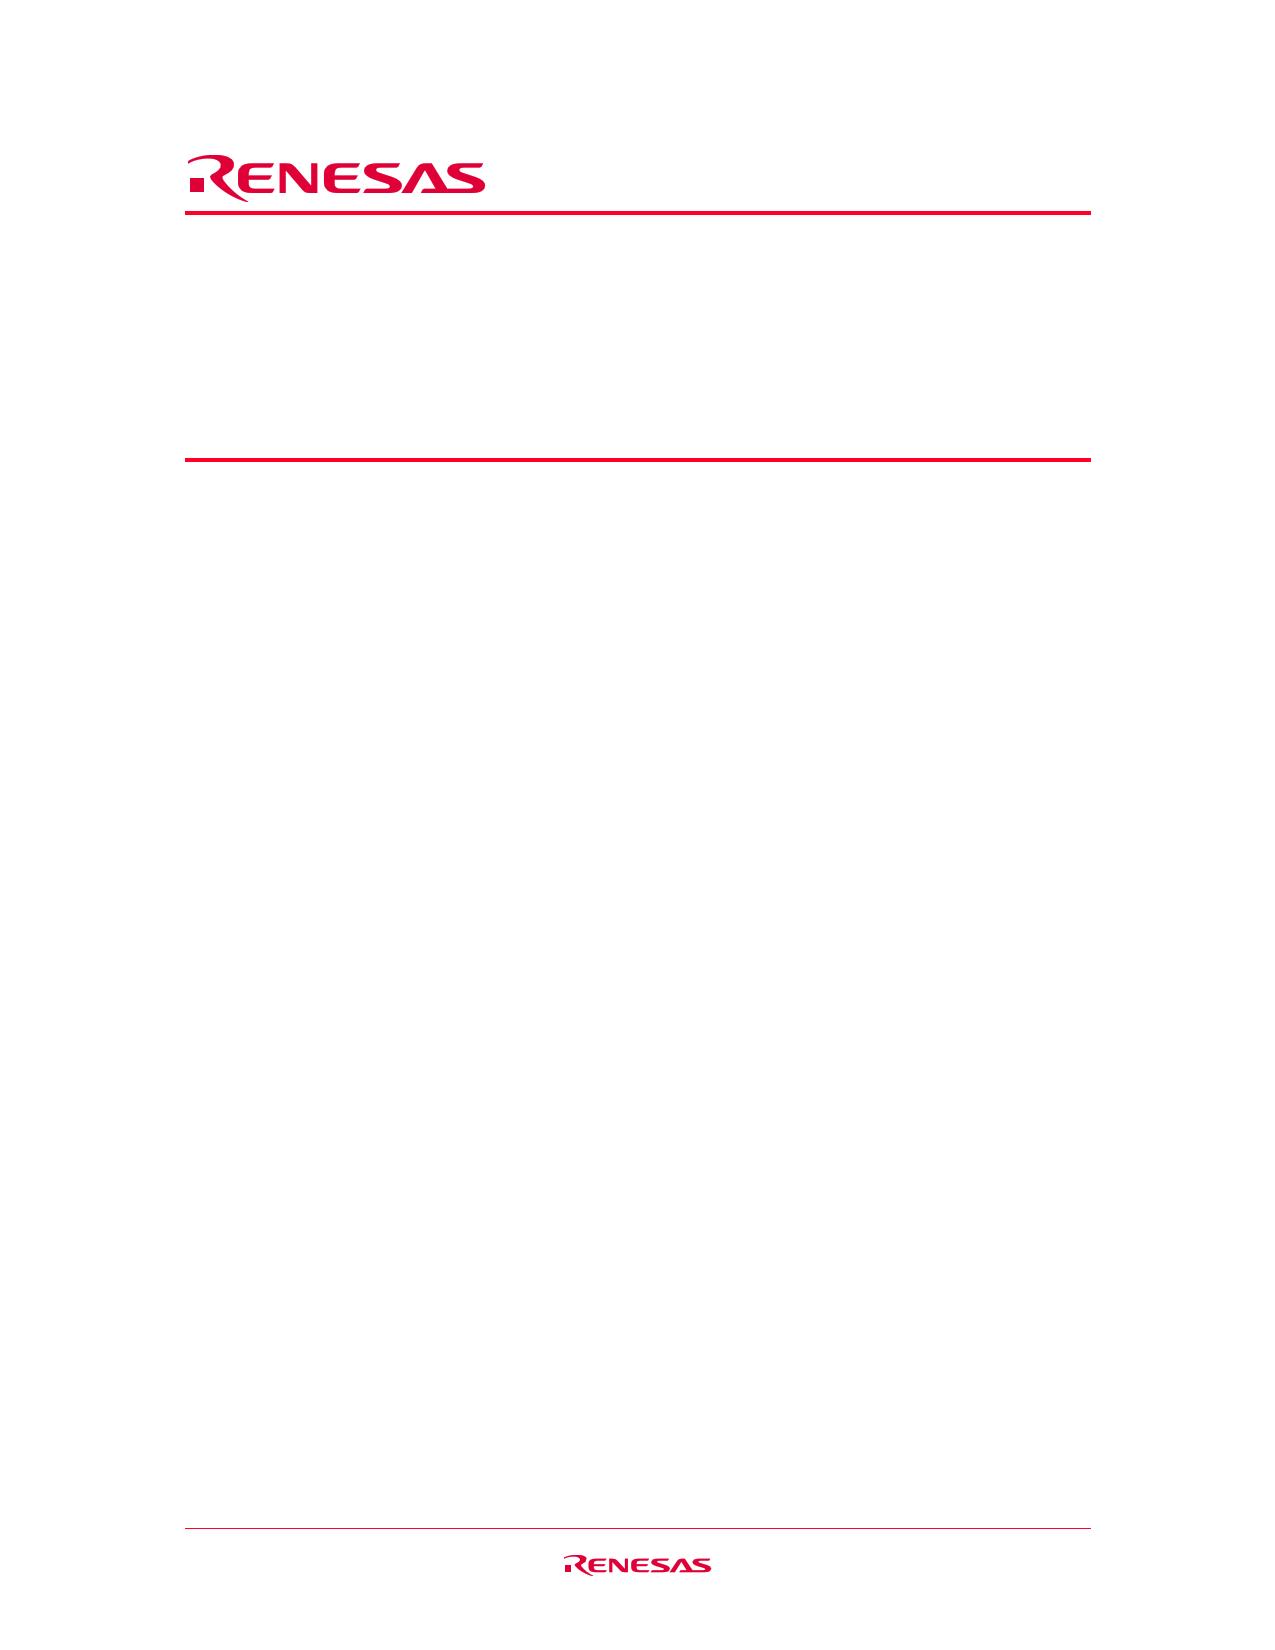 R1RW0416DSB-2LR datasheet